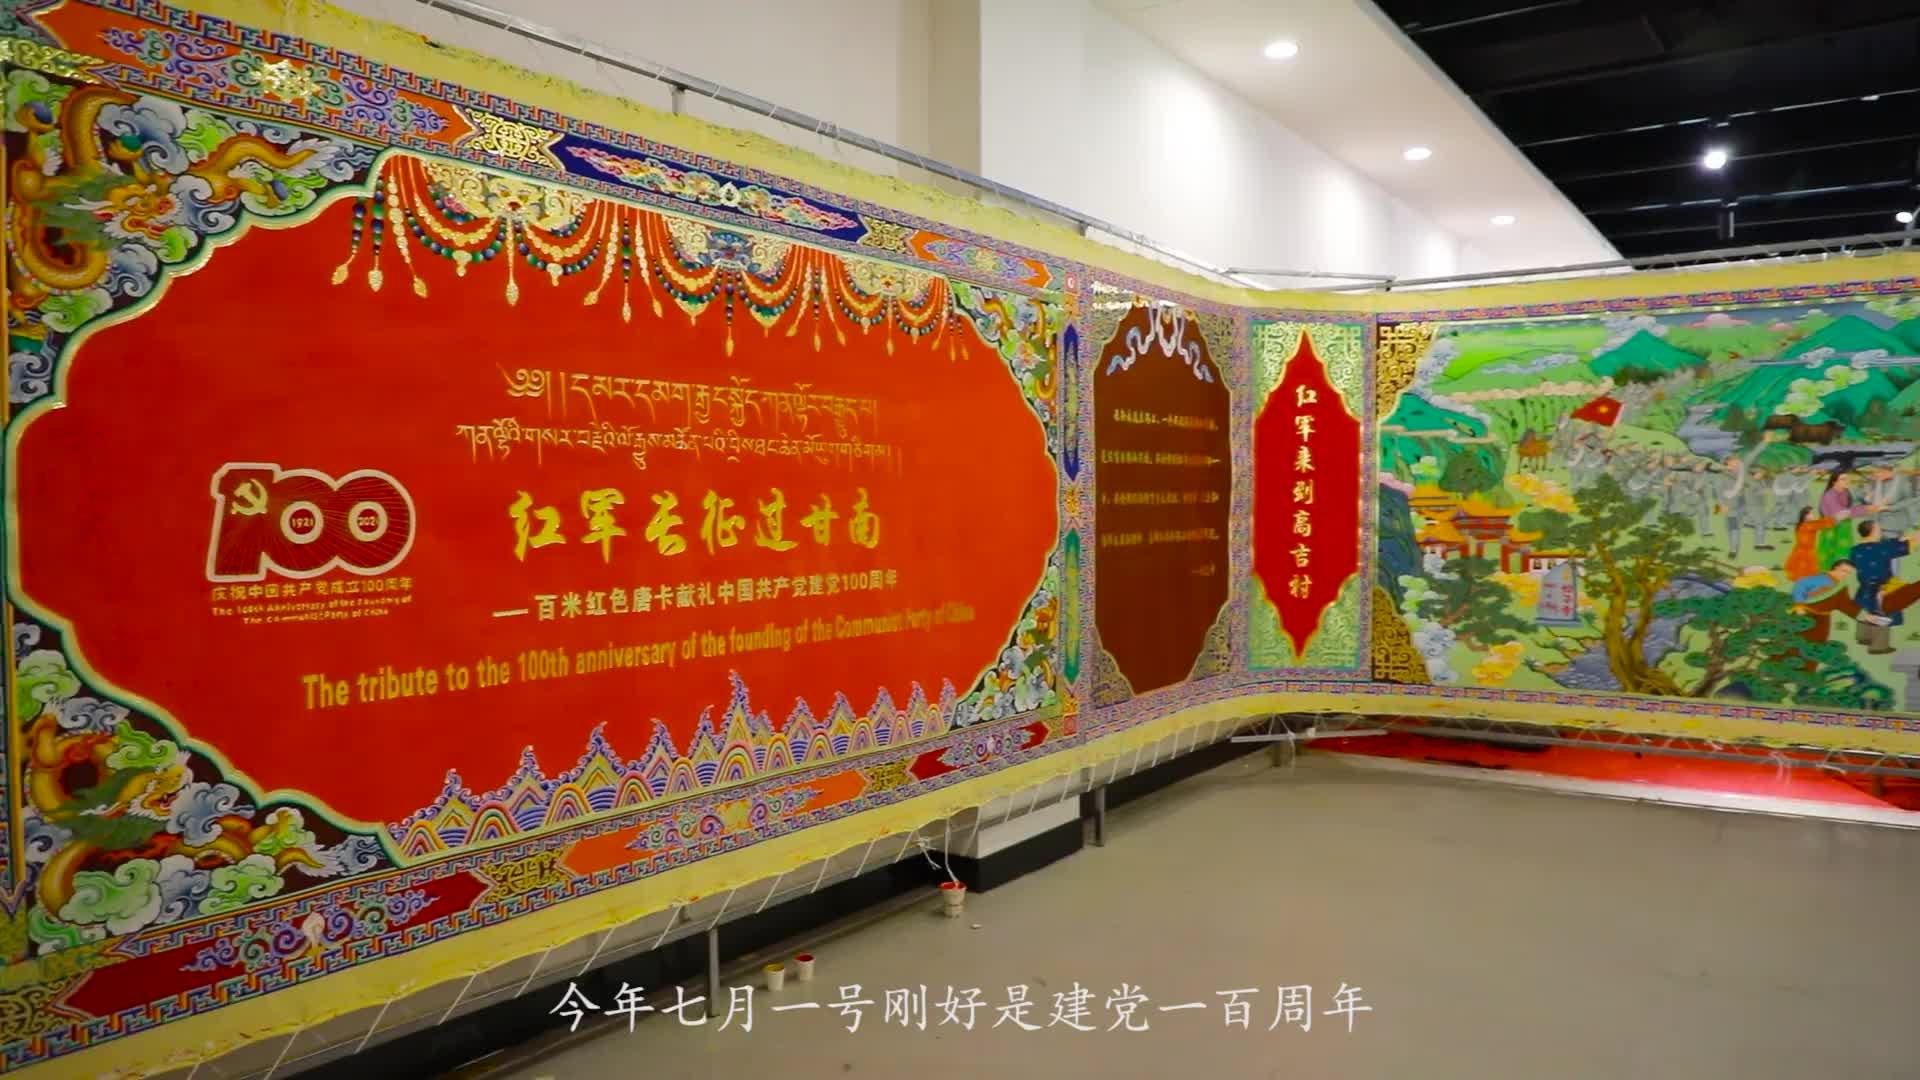 震撼!111米《红军长征过甘南》巨幅唐卡庆祝建党100周年